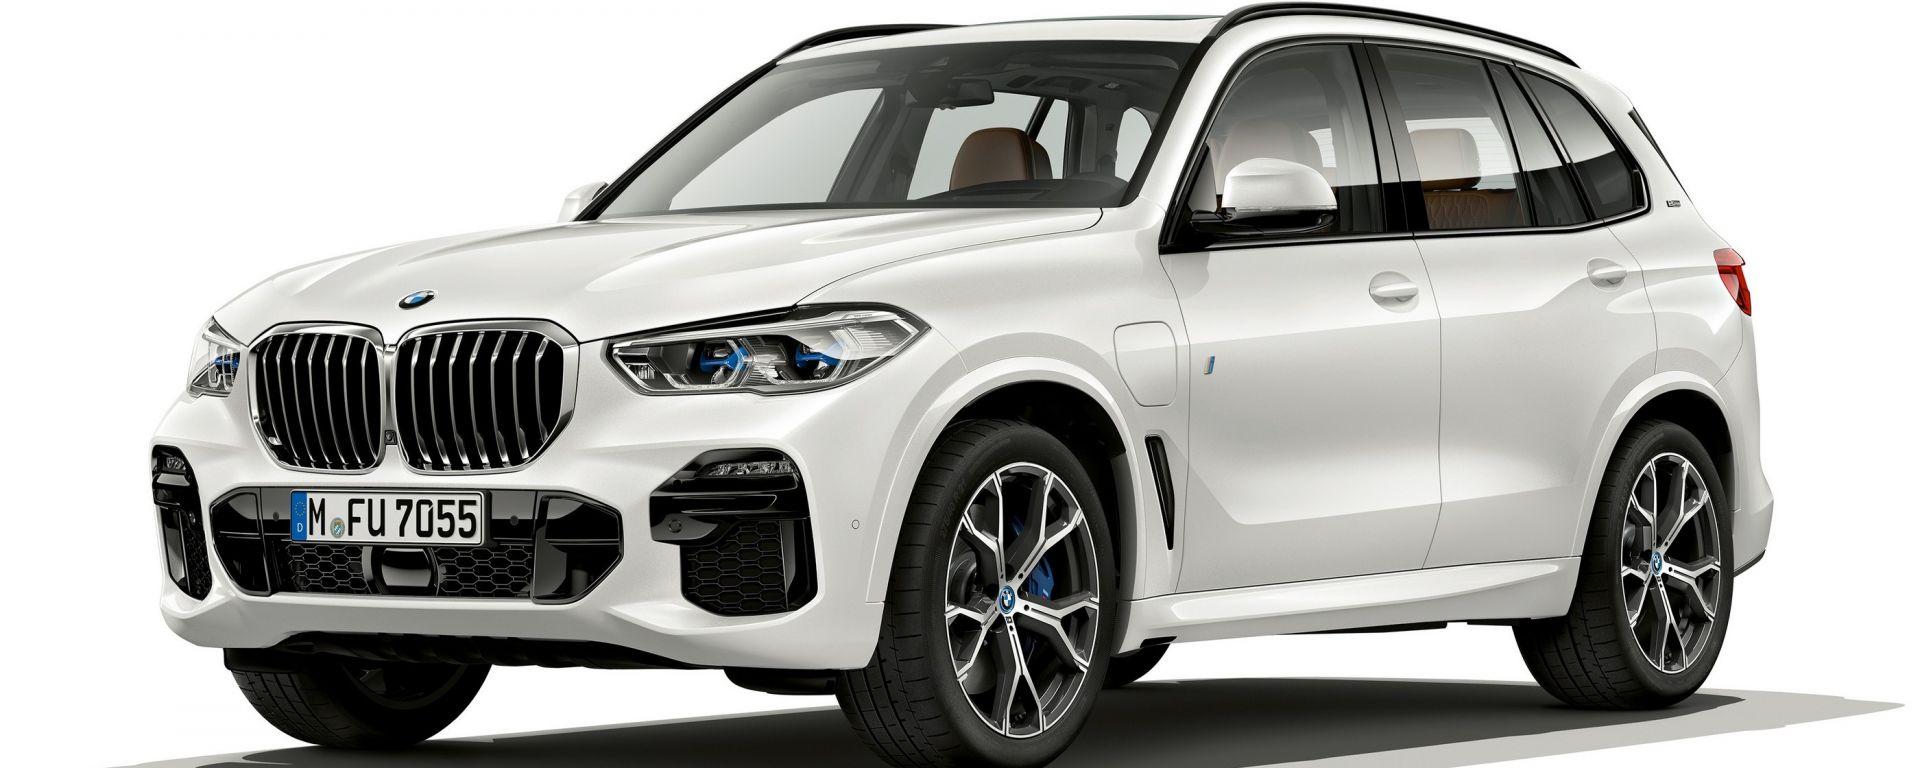 BMW X5 xDrive45e: la ibrida plug-in da 80 km in propulsione elettrica